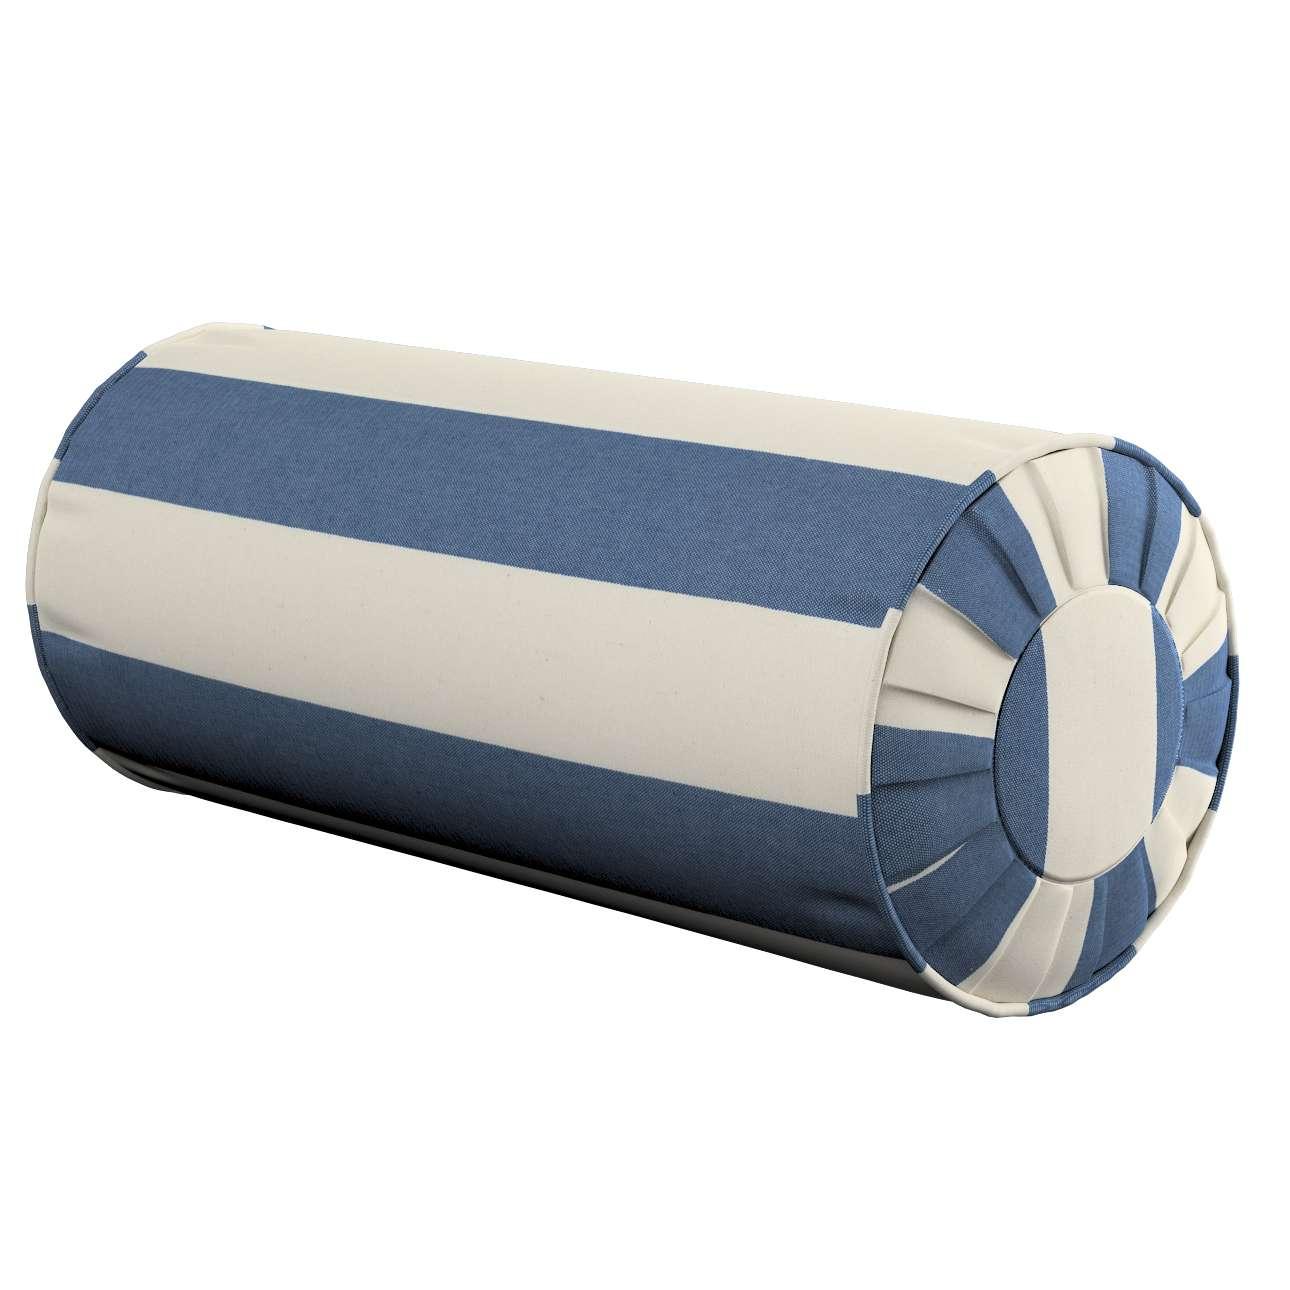 Poduszka wałek z zakładkami w kolekcji Quadro, tkanina: 142-70